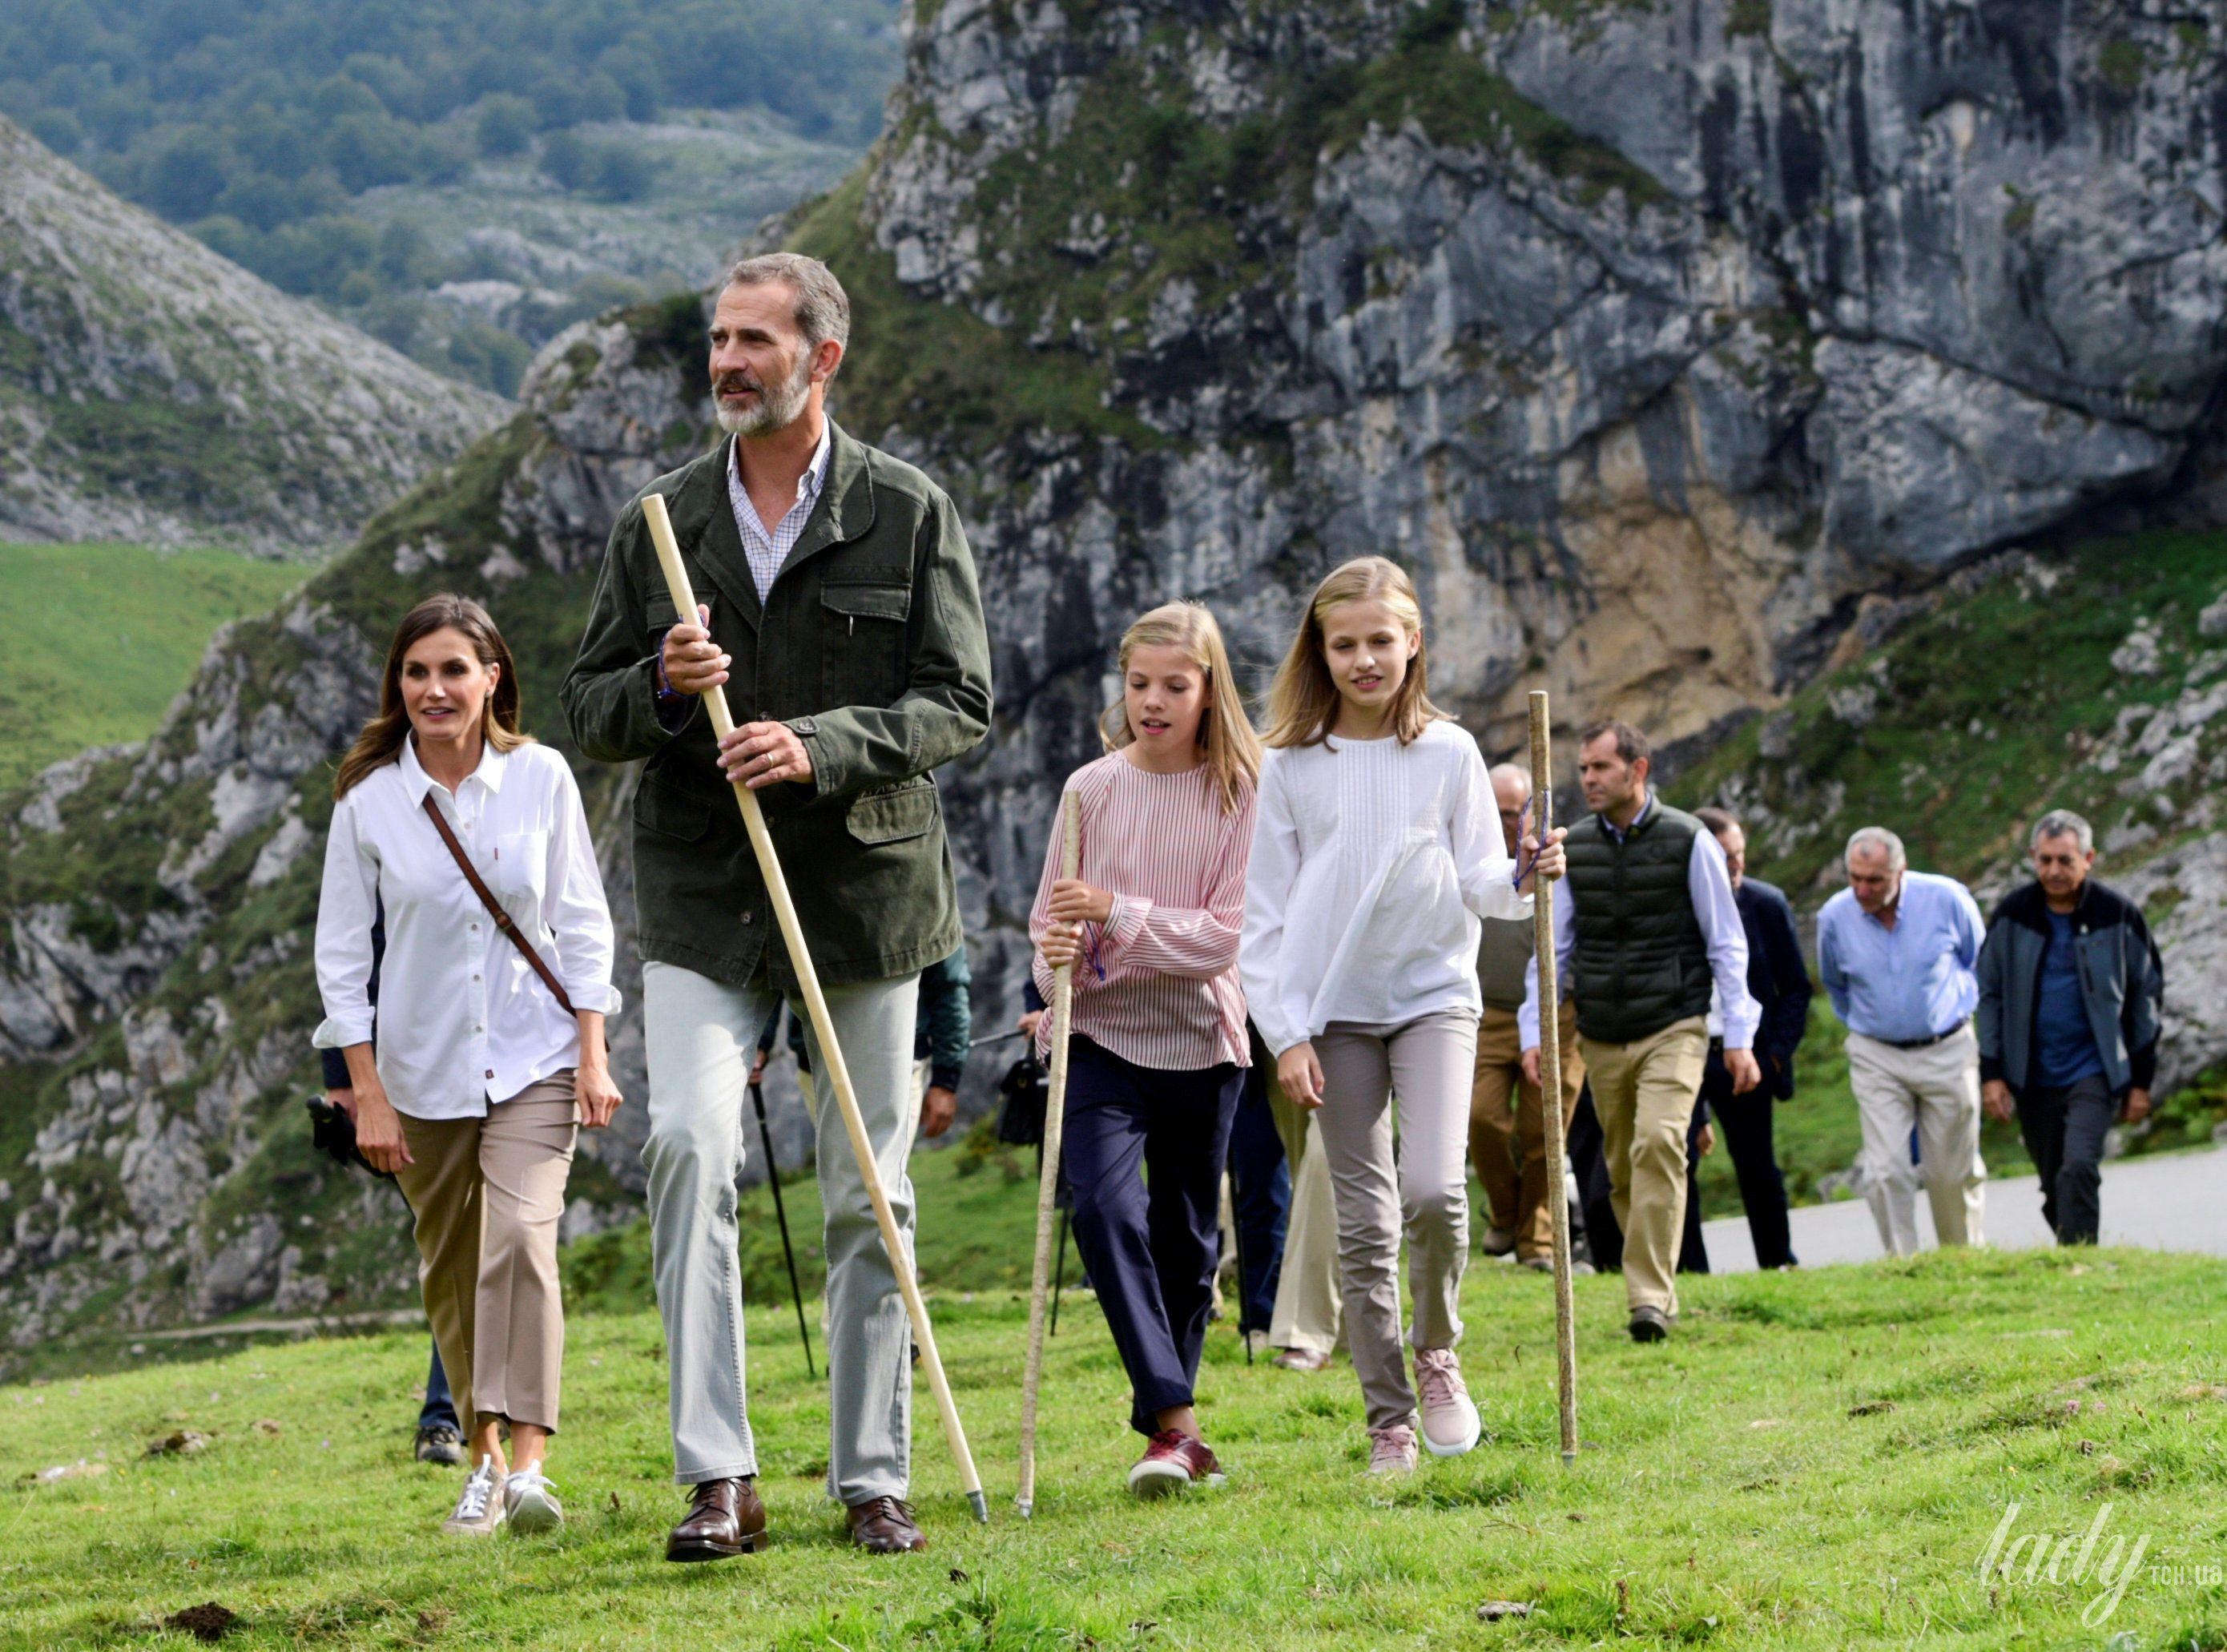 Испанская королевская семья: король Филипп, королева Летиция, принцессы Леонор и София_5